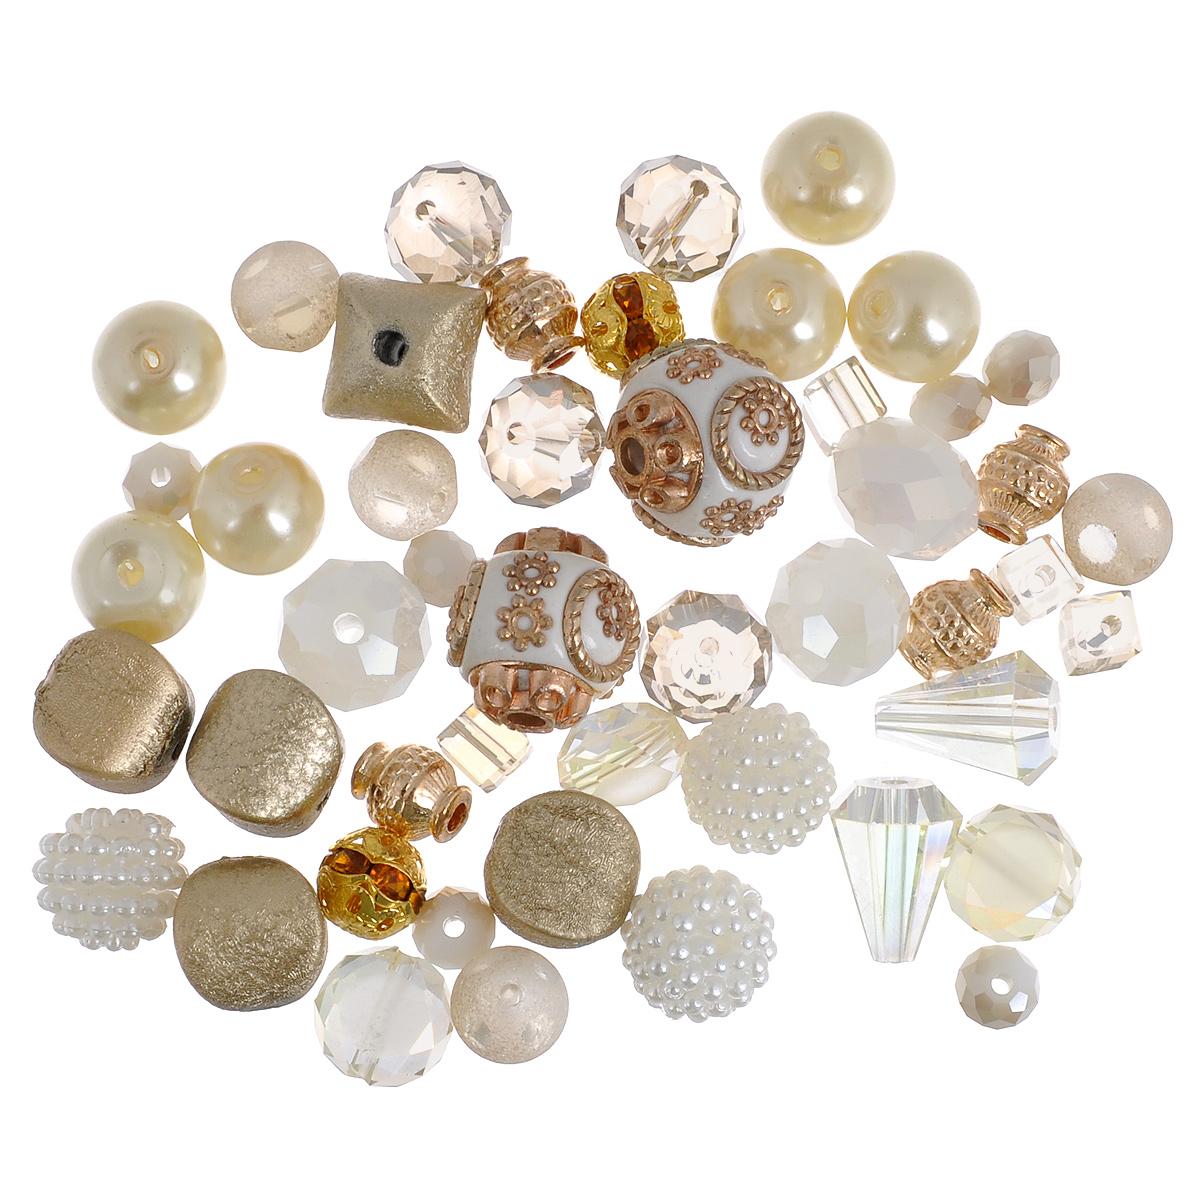 Набор бусин Jesse James Изобилие, 21 г7706971Набор бусин Jesse James Изобилие, изготовленный из высококачественного пластика, стекла, керамики, акрила и цинкового сплава, поможет вам своими руками создать удивительно красивое ожерелье или браслет. Каждая бусина имеет по два отверстия для продевания нити или лески. Бусины разных форм декорированы золотистым напылением и оснащены многогранными рельефными поверхностями. Оригинальные бусины яркого необычного дизайна разнообразят вашу работу и добавят вдохновения для новых идей. Отвлекитесь от повседневных забот и создайте удивительный аксессуар, который к тому же и стильно дополнит ваш образ. Средний размер бусин: 10 мм х 10 мм х 10 мм.